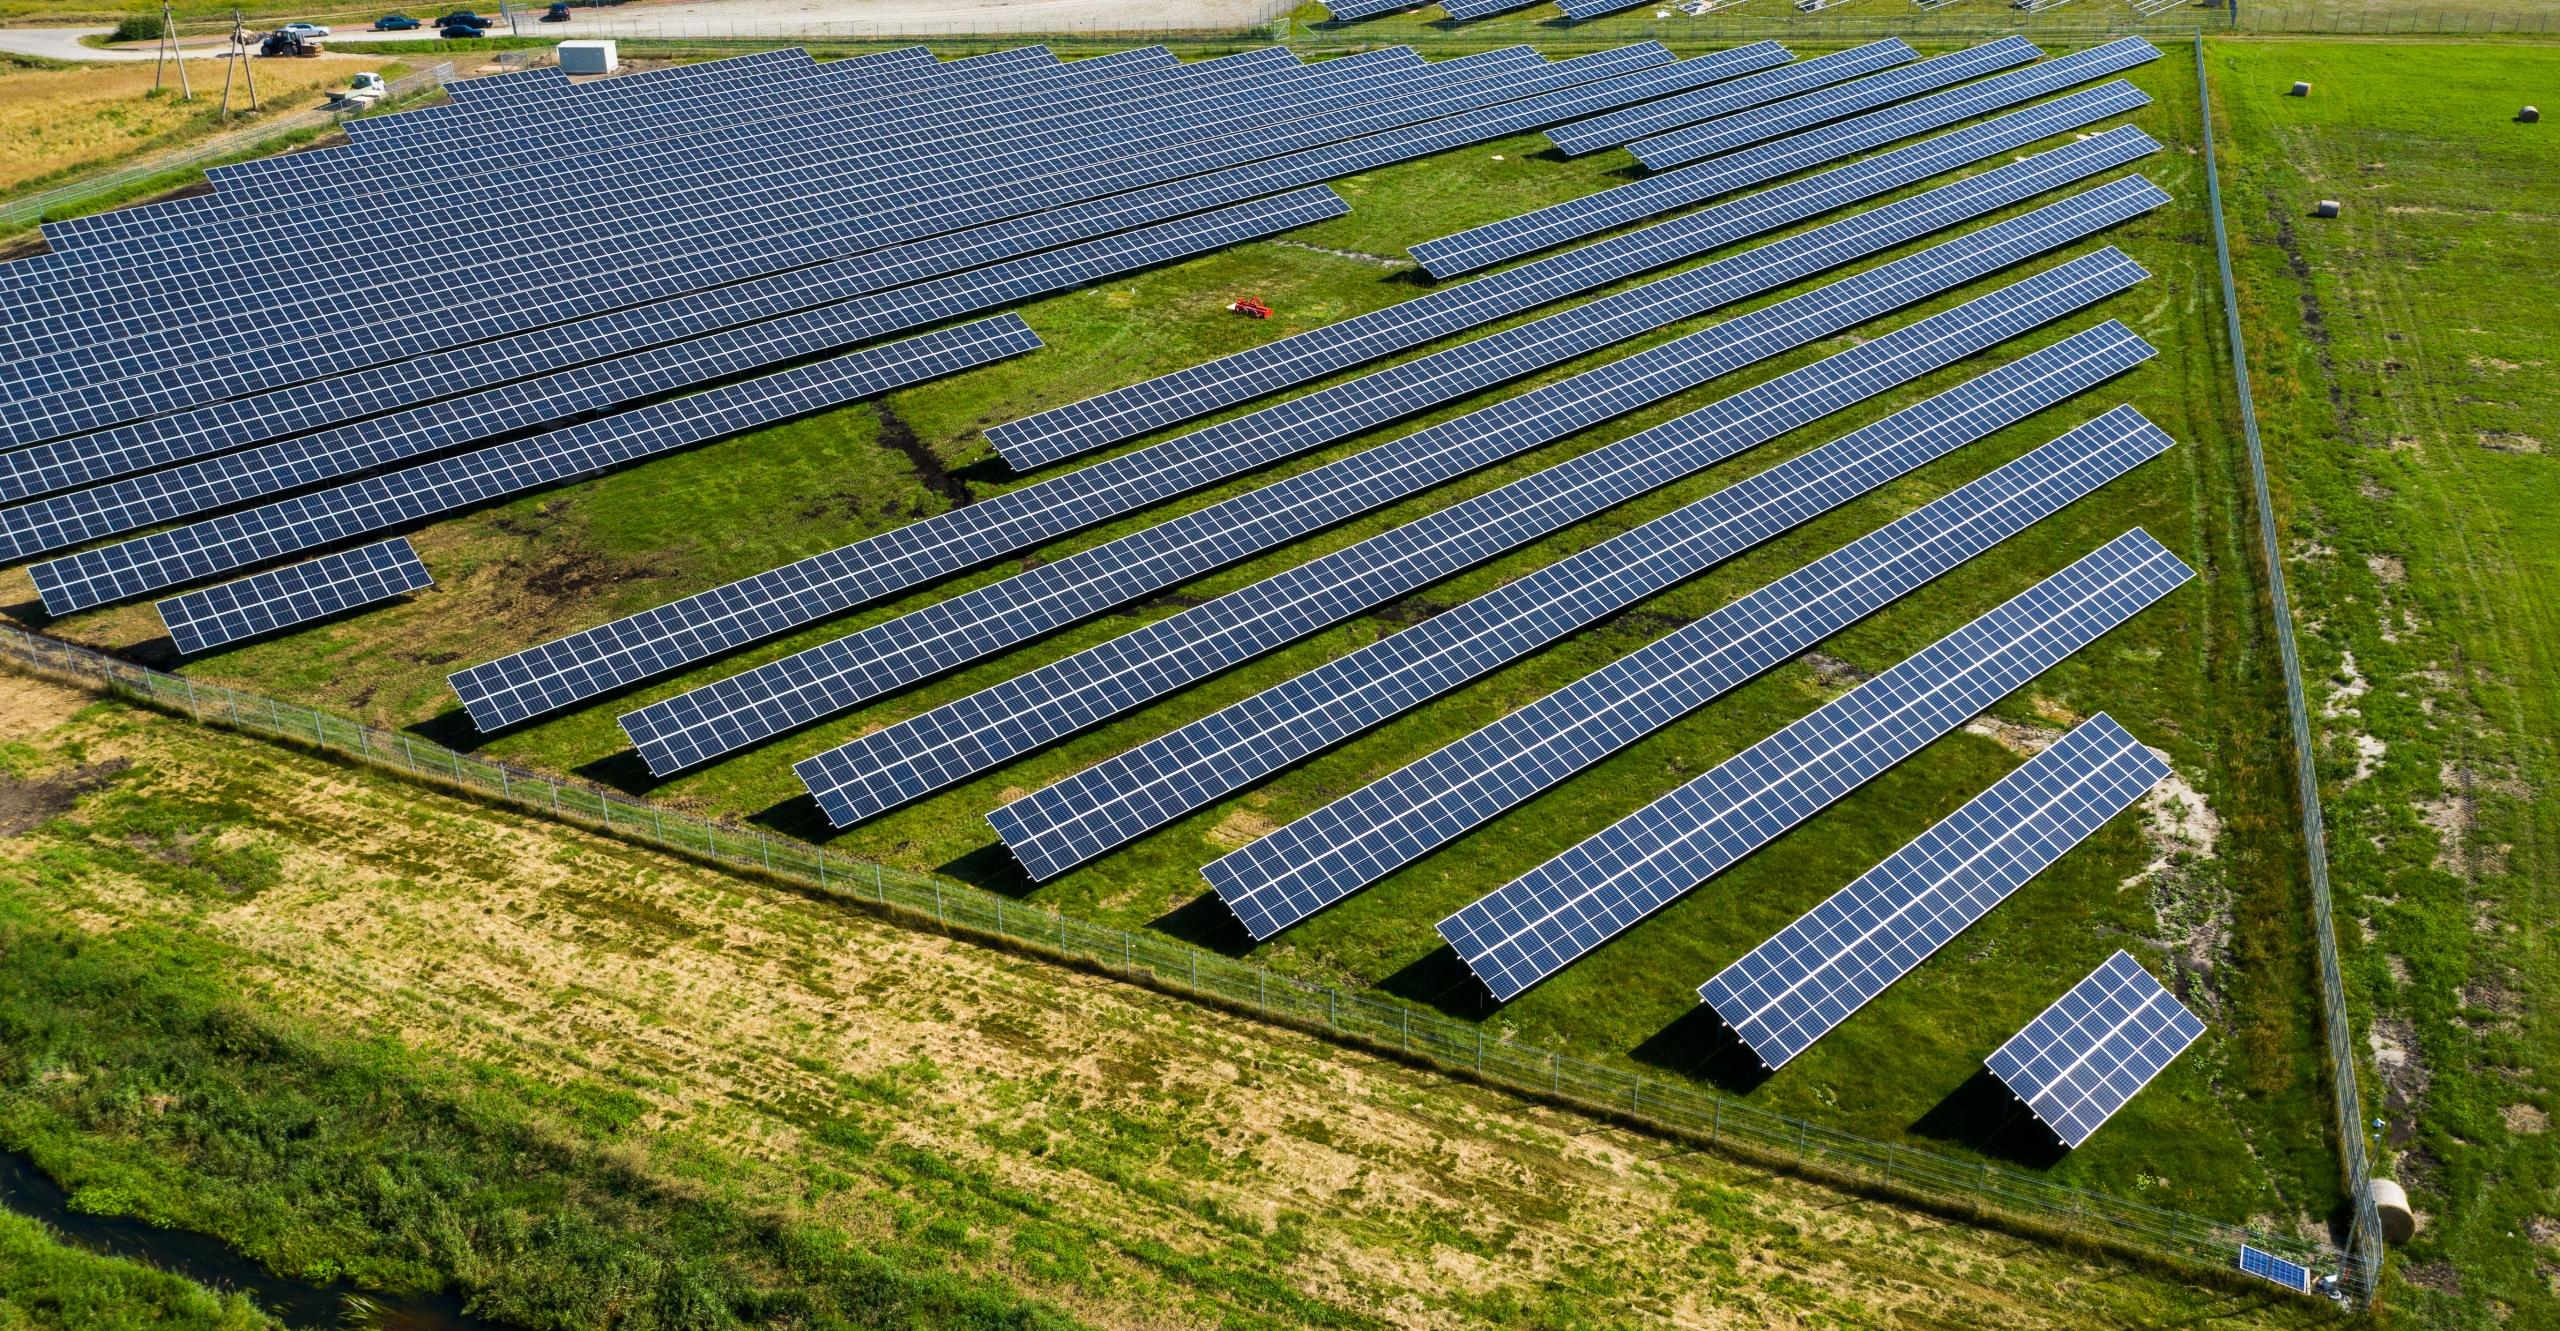 Milijoninių investicijų saulės elektrinė įplieskė architekto ir valdžios konfliktą 1